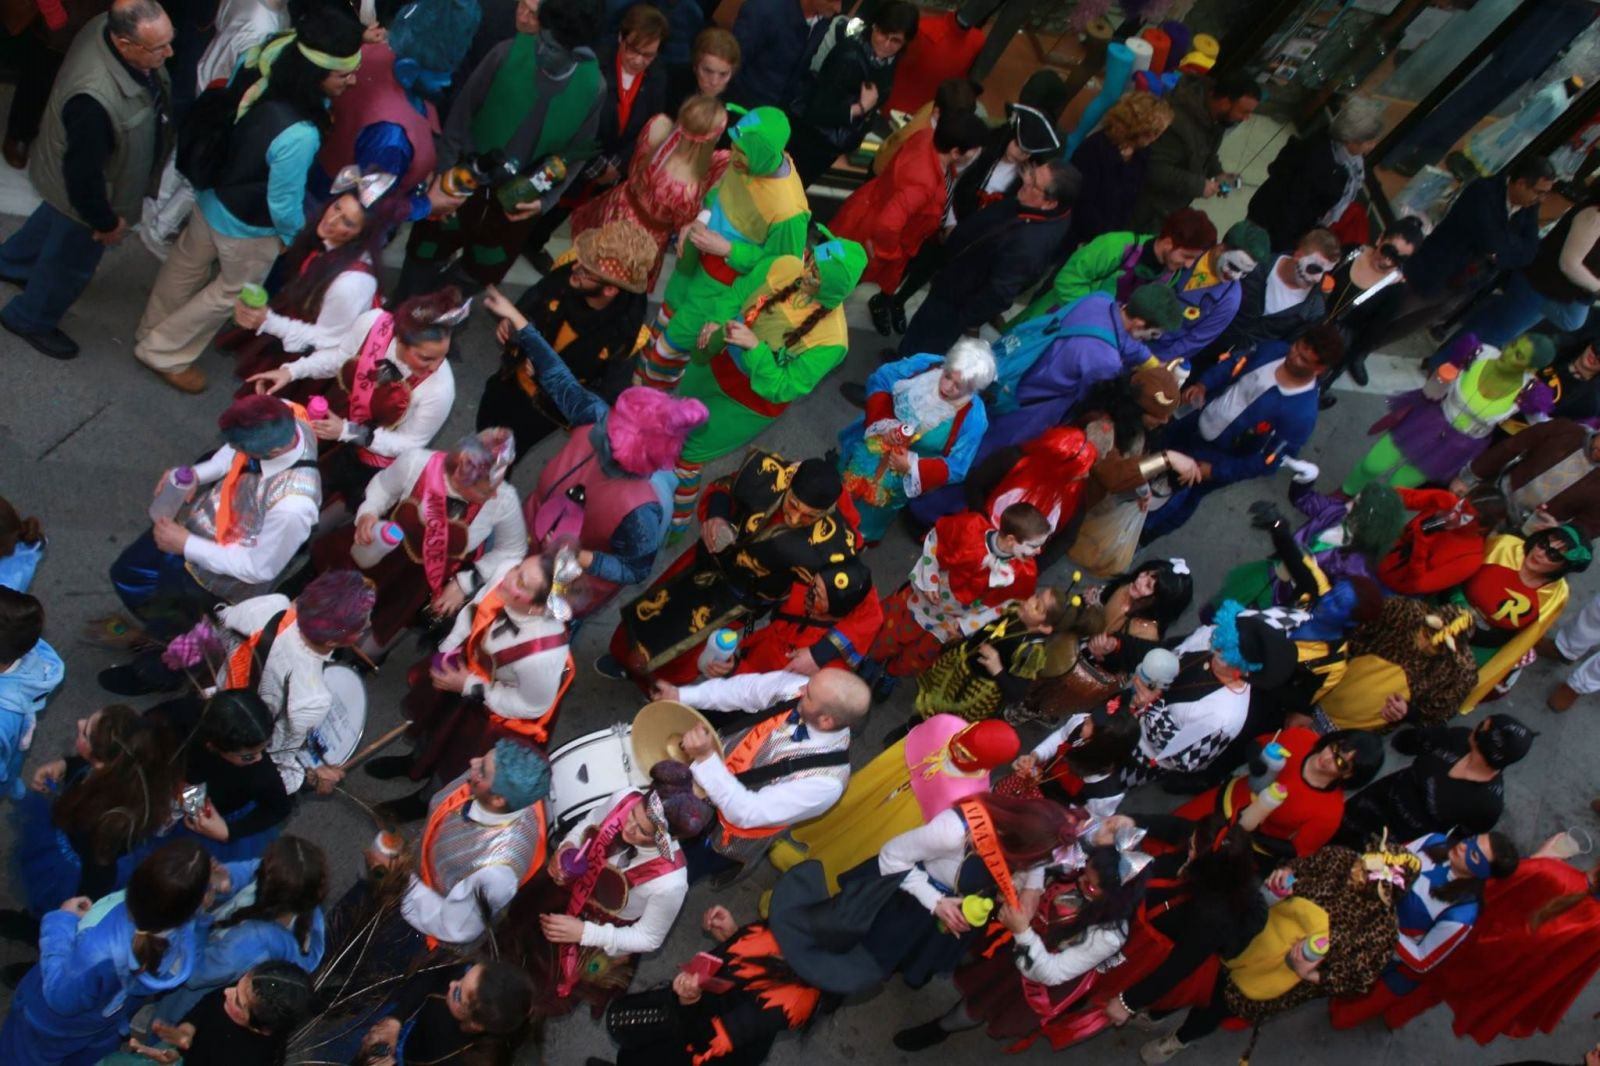 Pasacalles Carnaval de Morón 2019. Foto: Pasacalles 2017 (por Gabriel Giráldez)